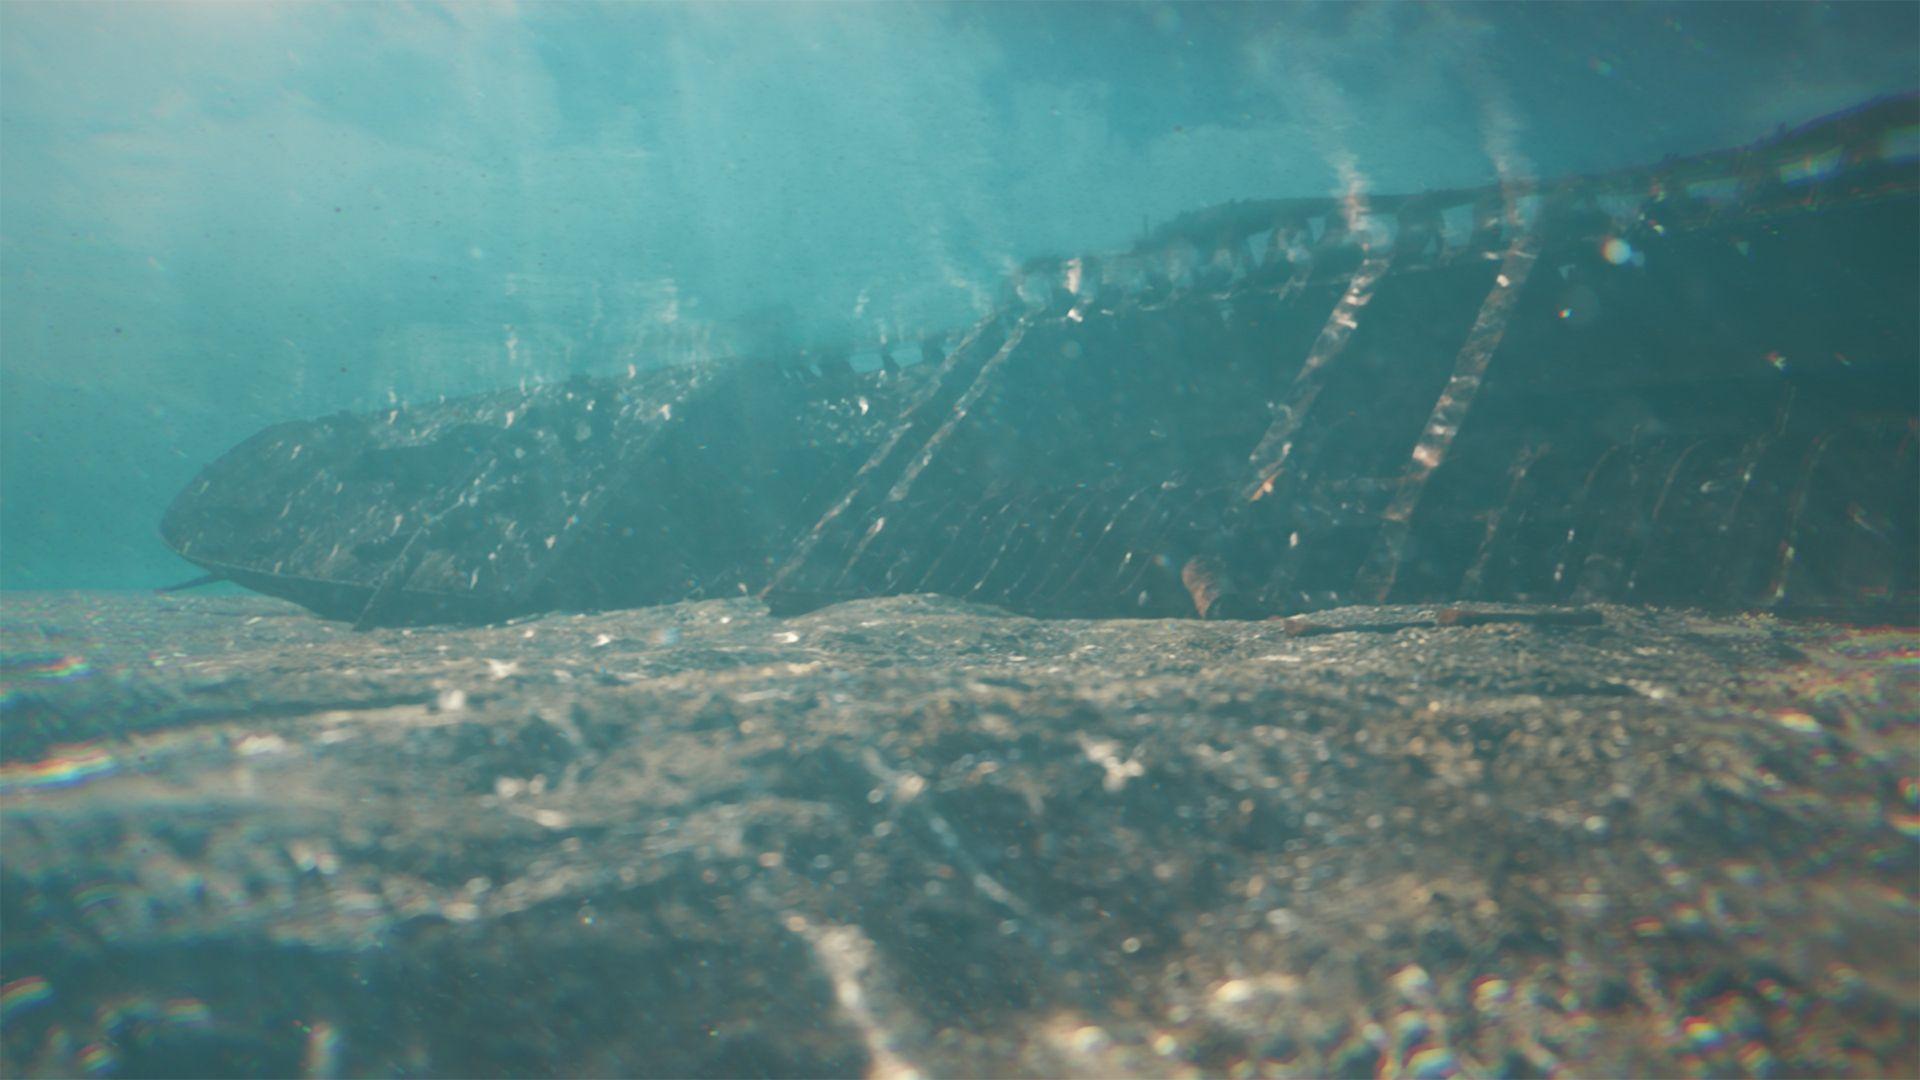 صورة تحت الماء من الحيد المرجاني العظيم. هذه الصورة... [Photo of the day - أكتوبر 2021]